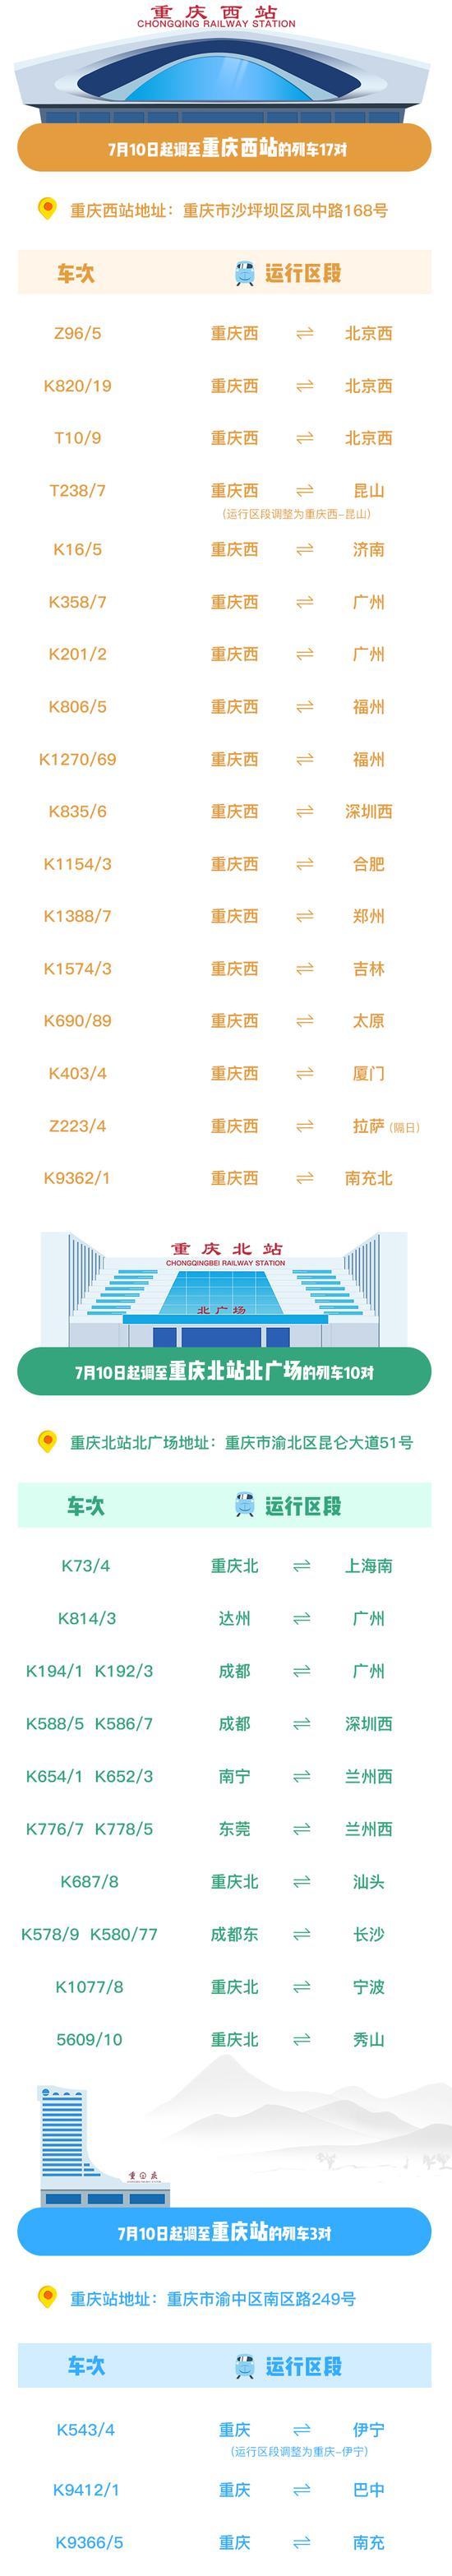 制图:重庆市交通局